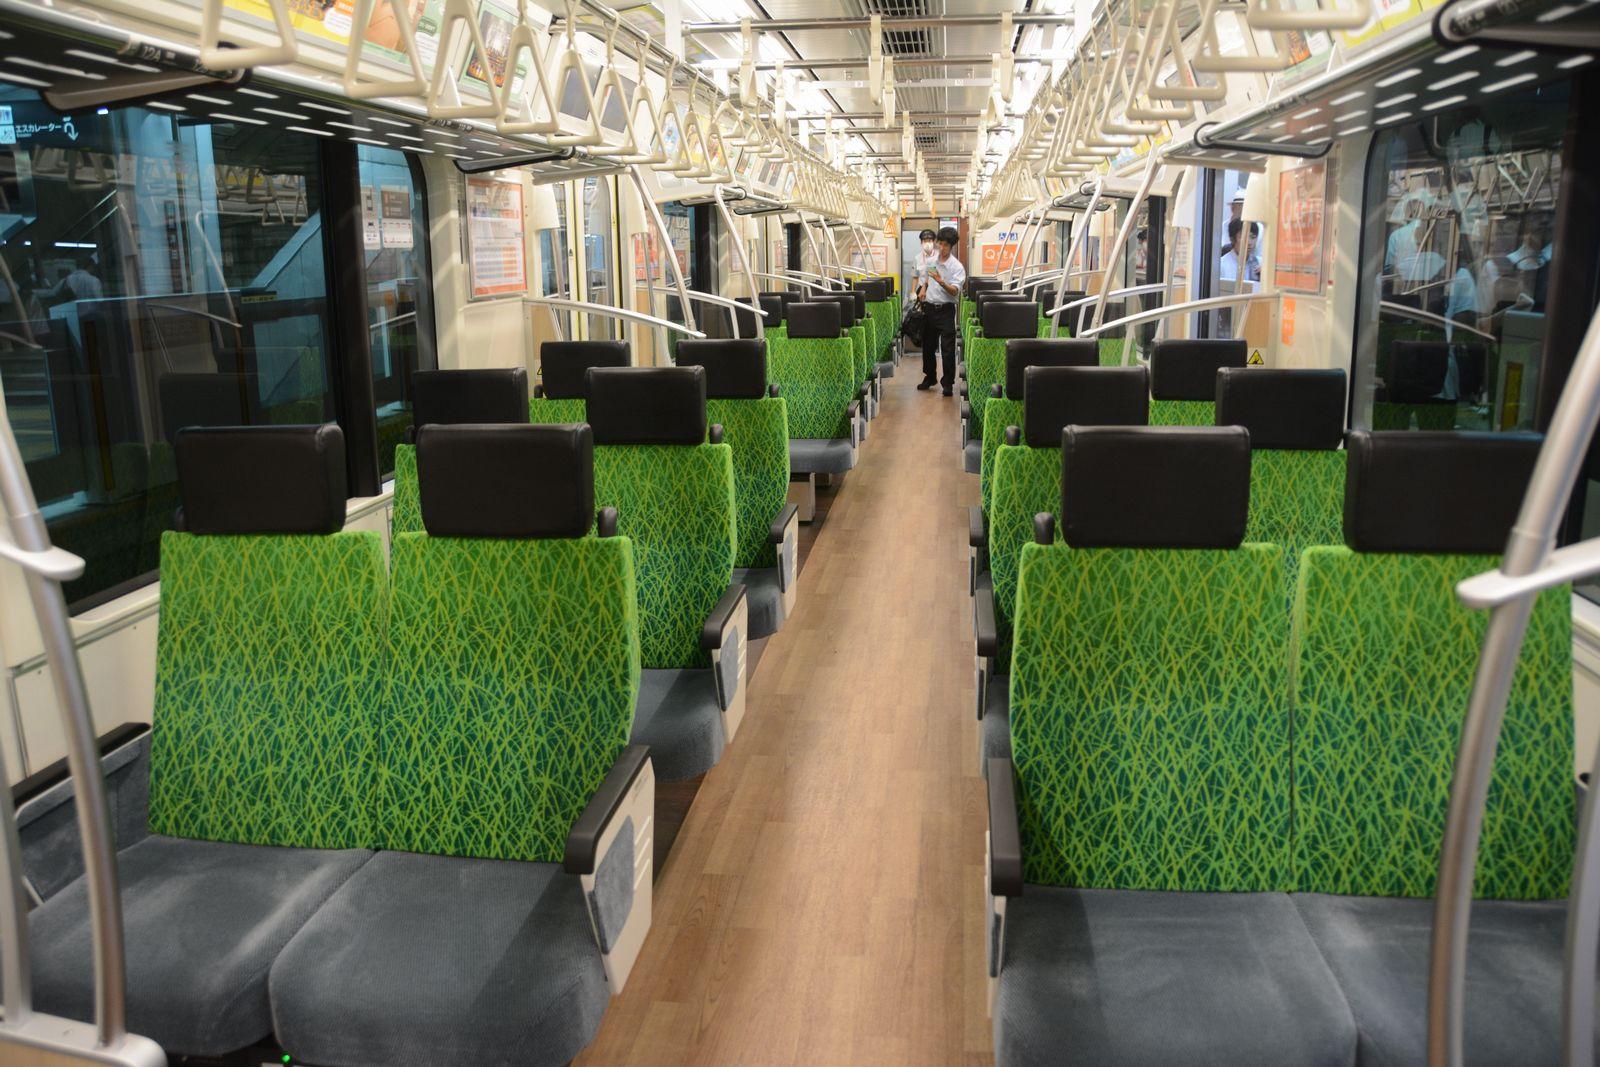 東急の有料座席指定車両Qシートに乗車